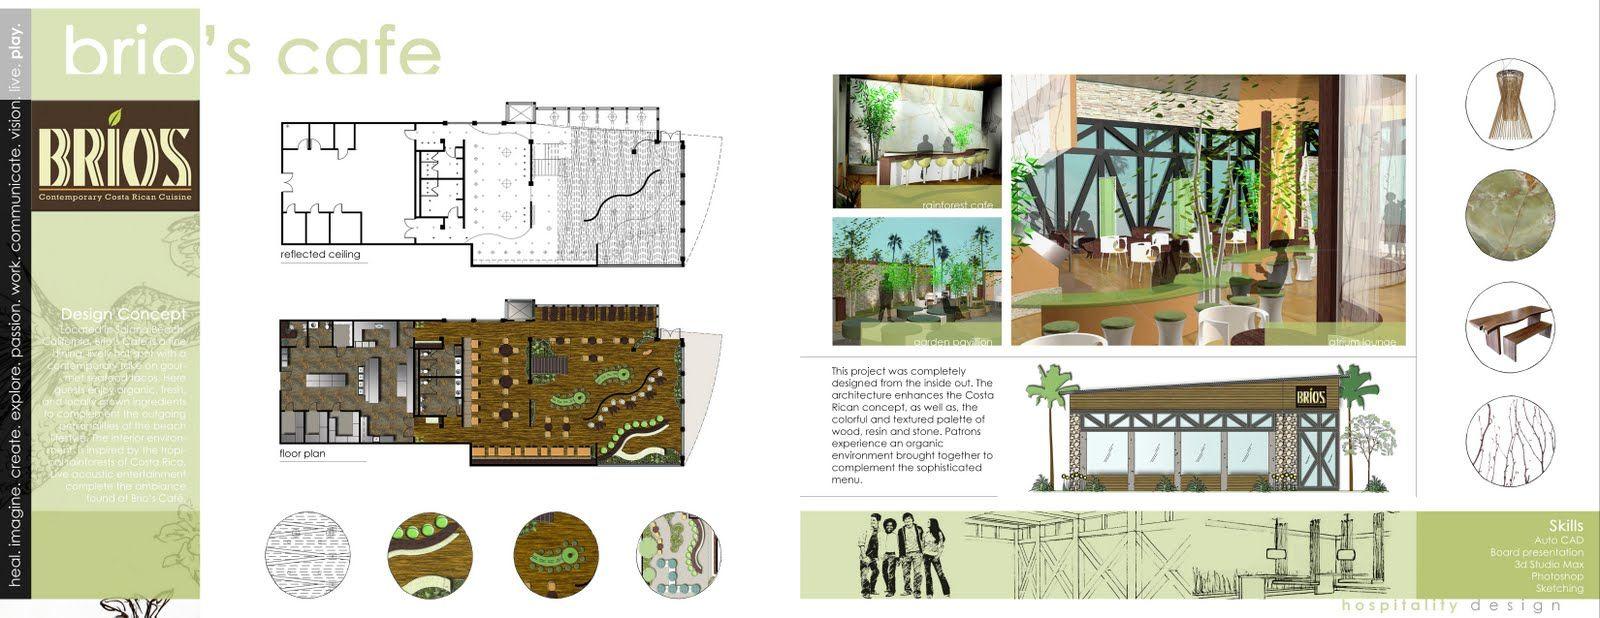 Hospitality Design Brio S Cafe Interior Design Portfolio